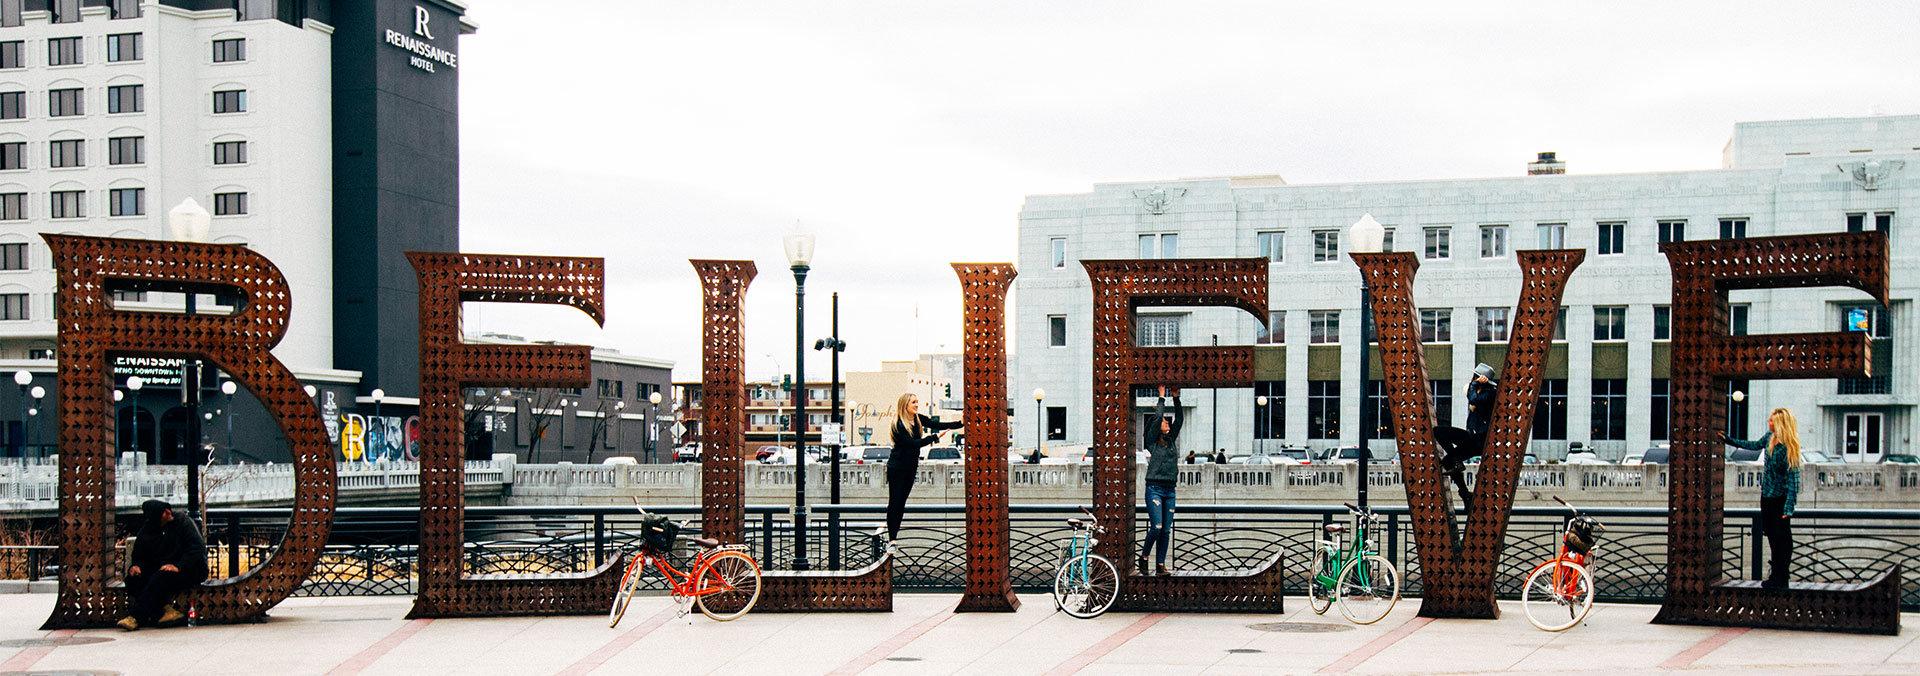 Believe Reno City Plaza